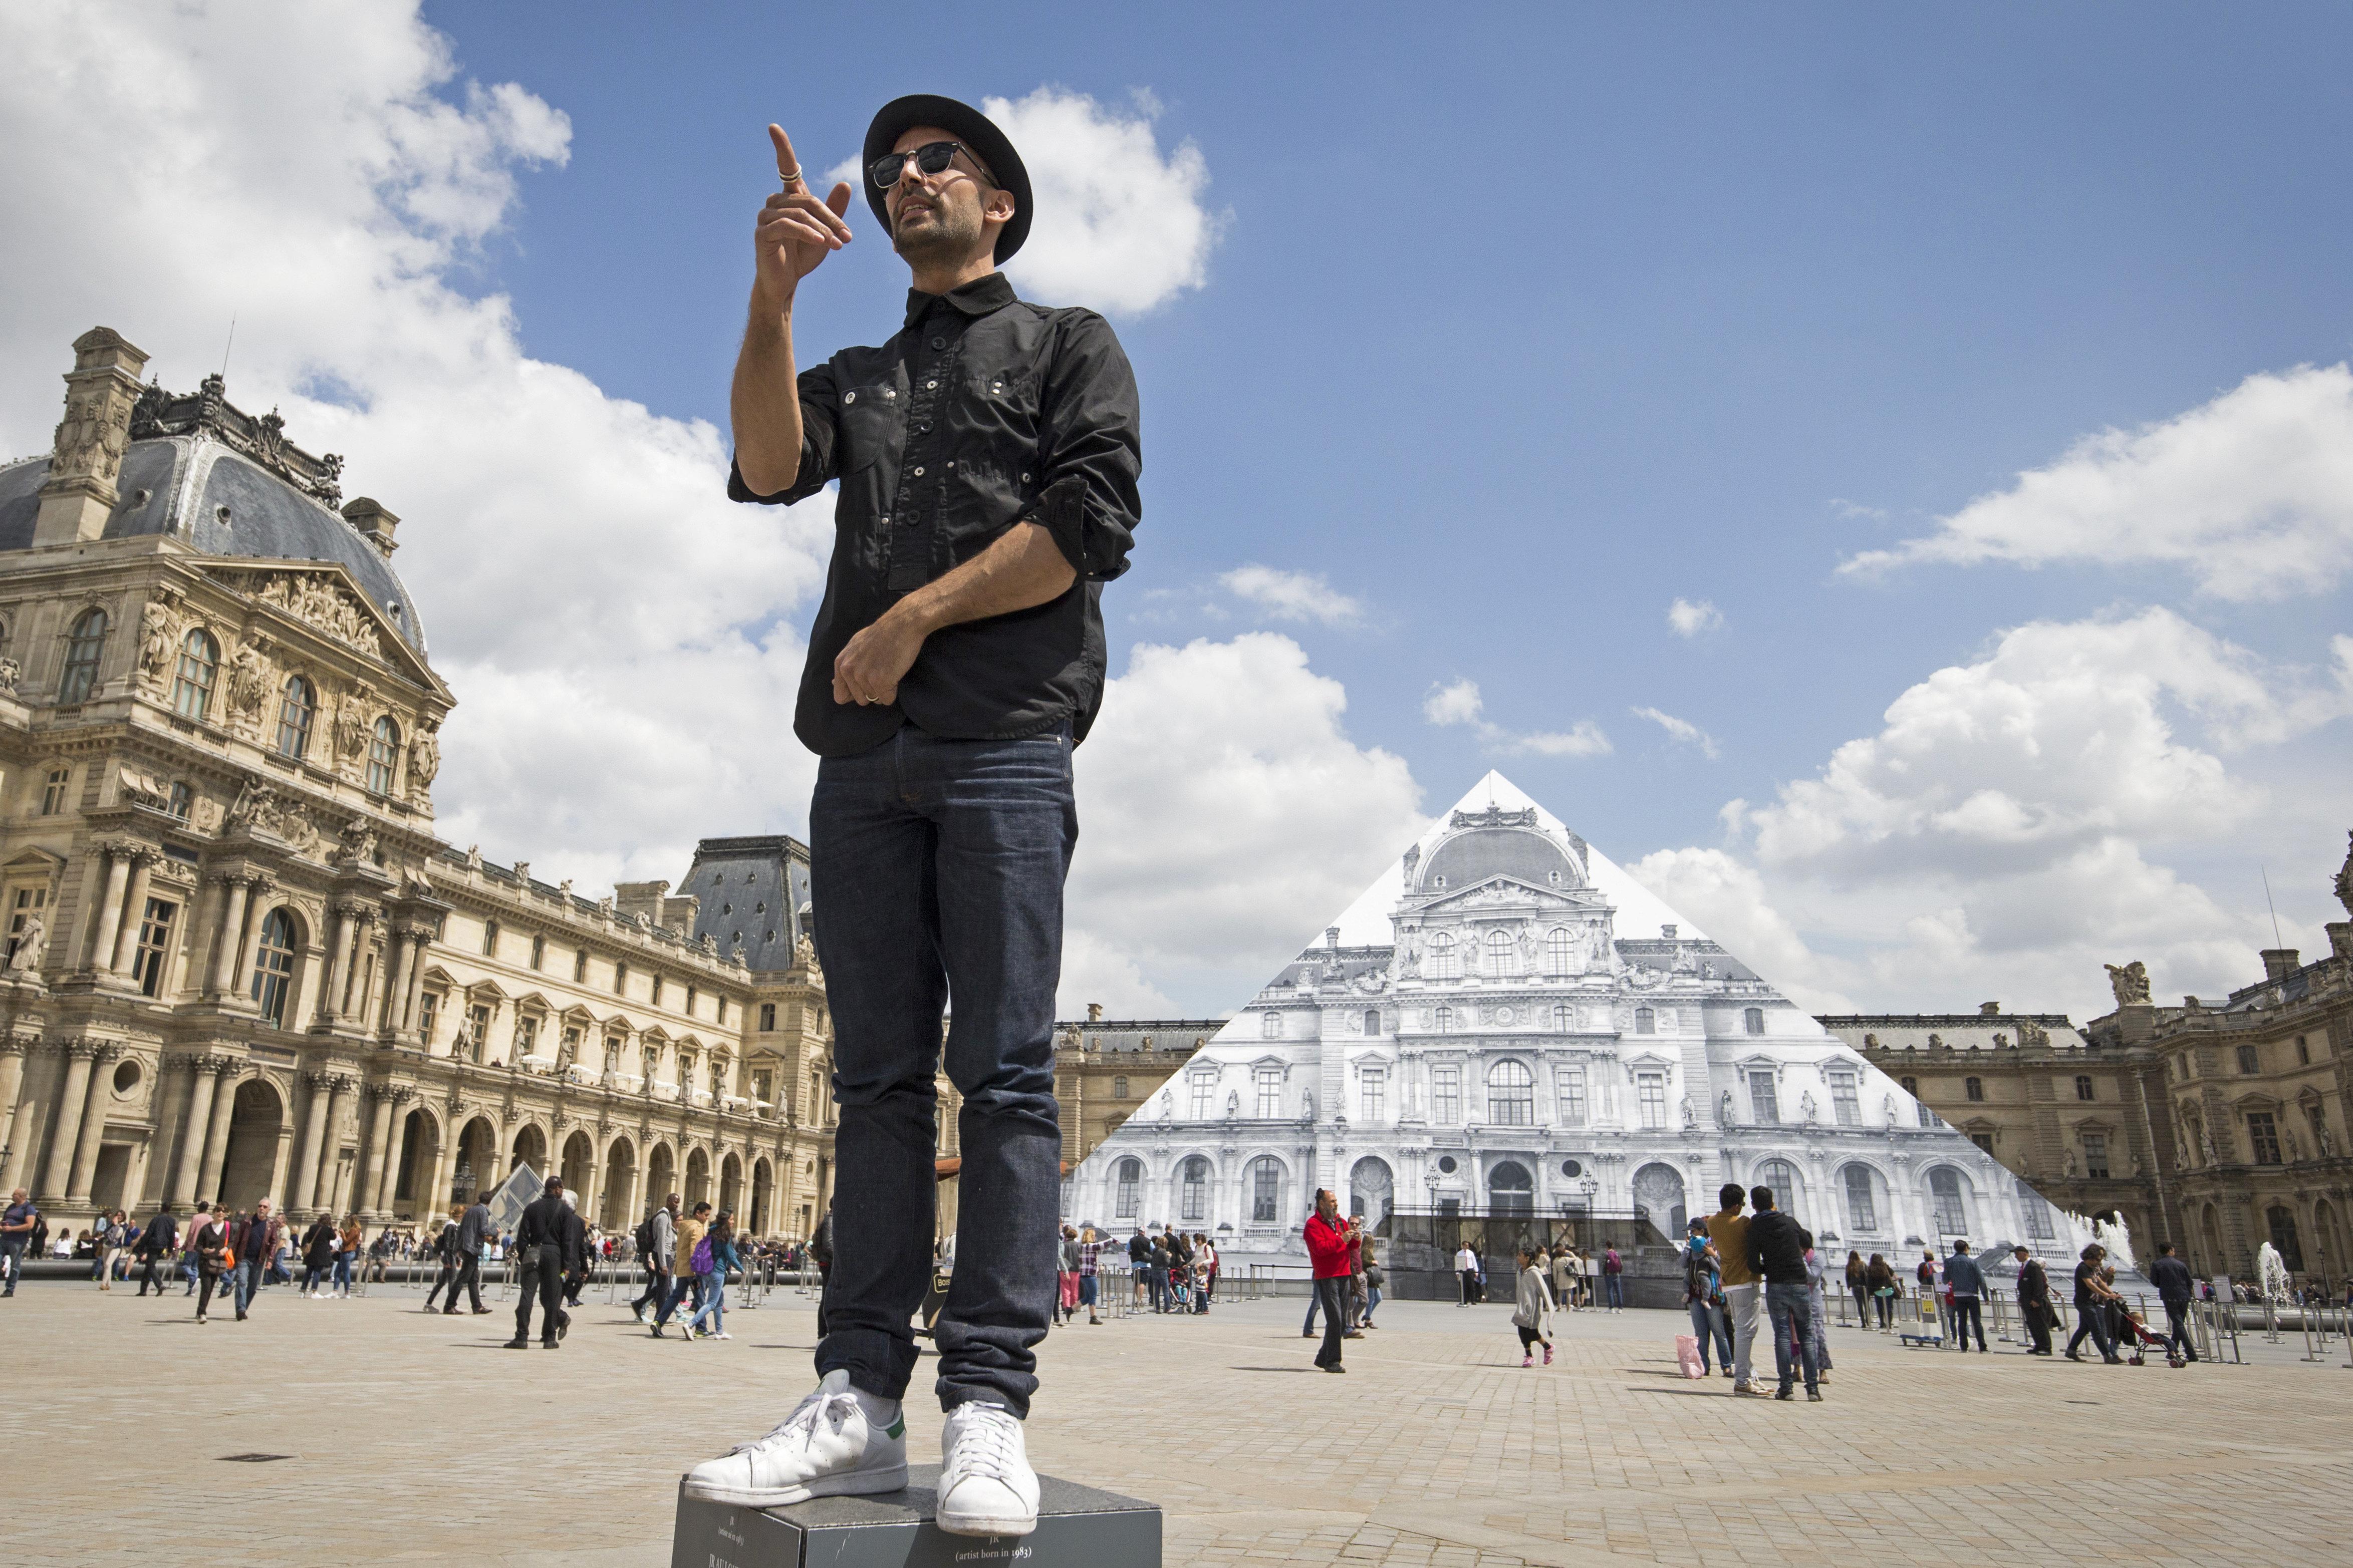 JR fait surgir par anamorphose la Pyramide de ses fondements — Louvre